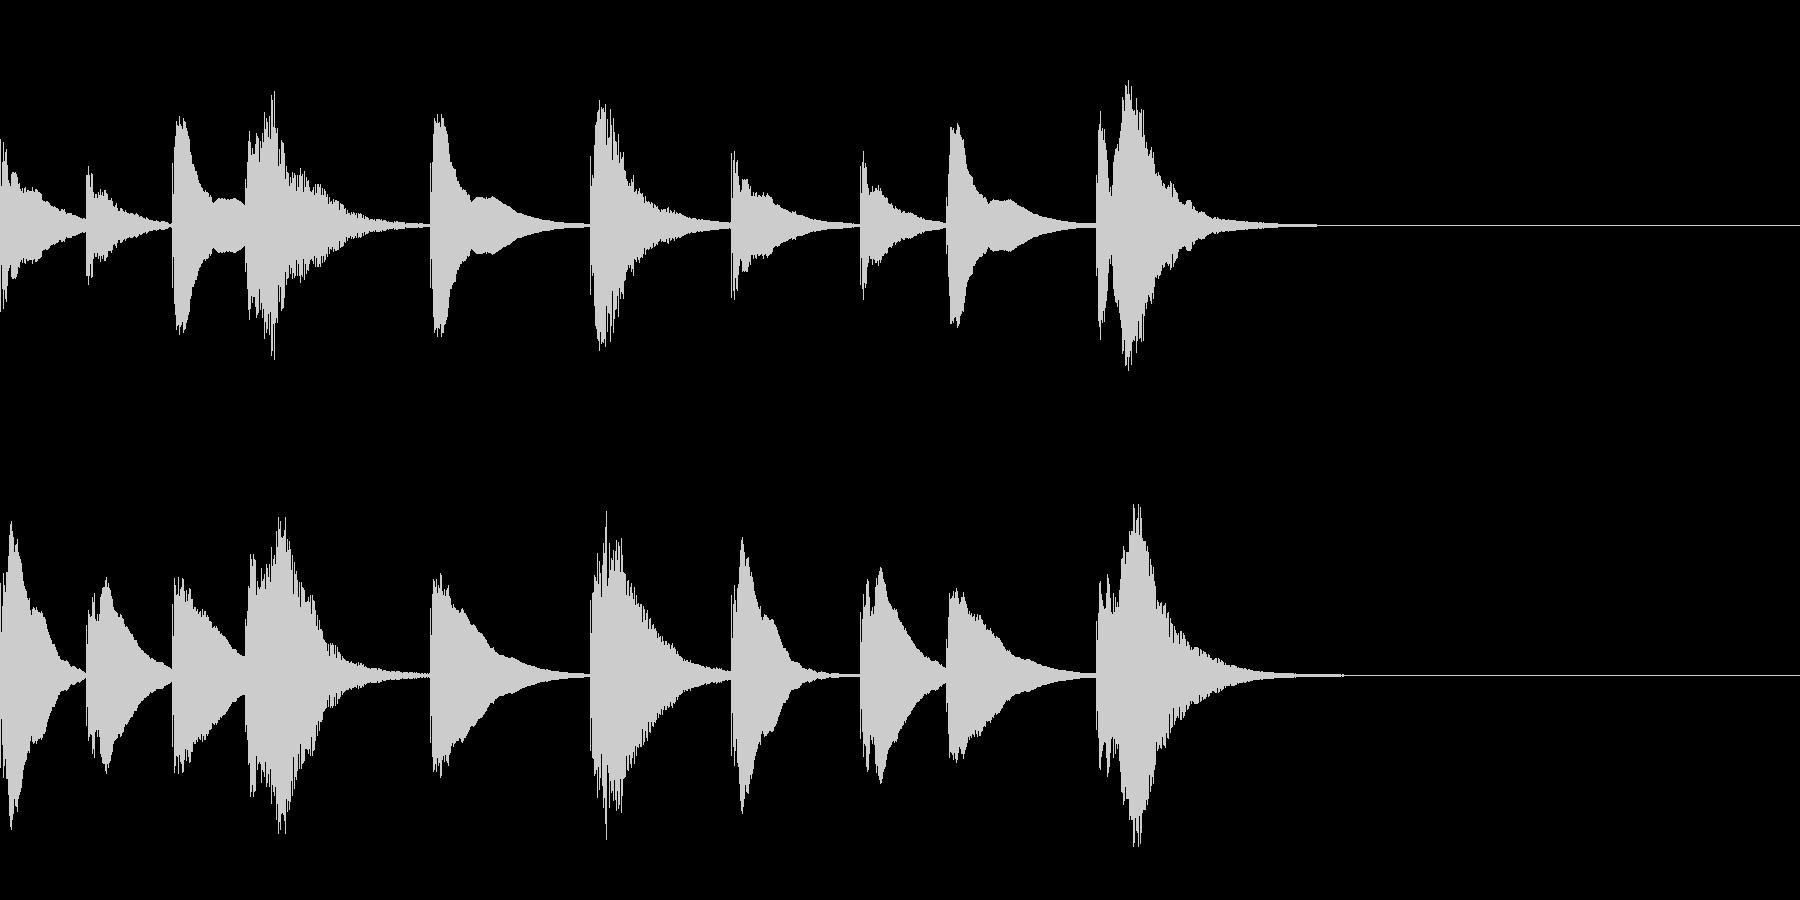 シロフォンの勇敢な5秒ジングルの未再生の波形